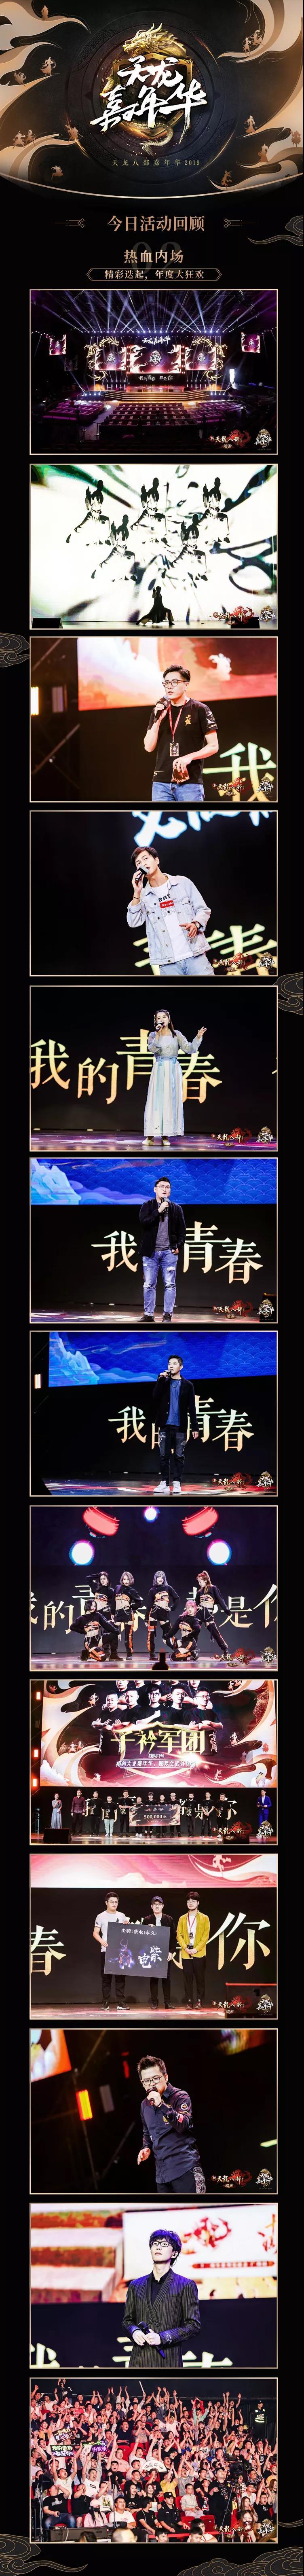 《新天龙八部》嘉年华完美收官,许嵩全新主题曲《雨幕》首度开唱  第1张